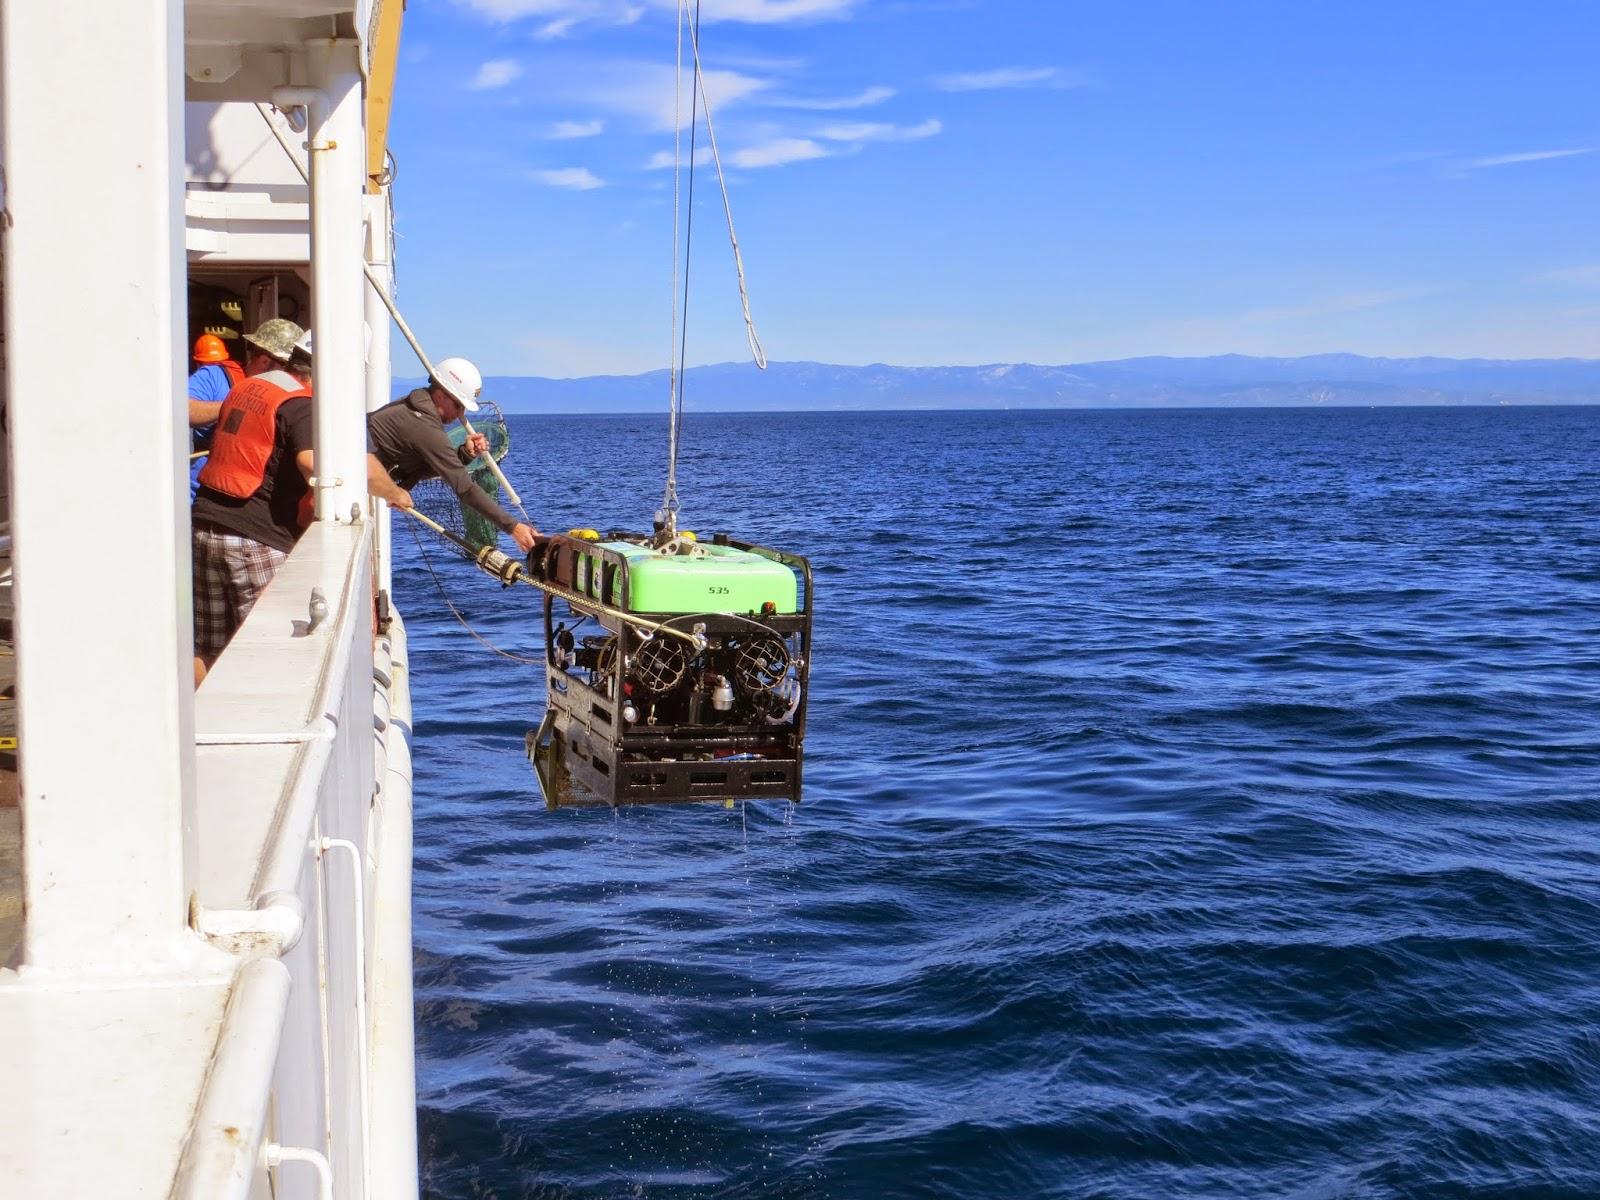 Retrieving the Beagle ROV